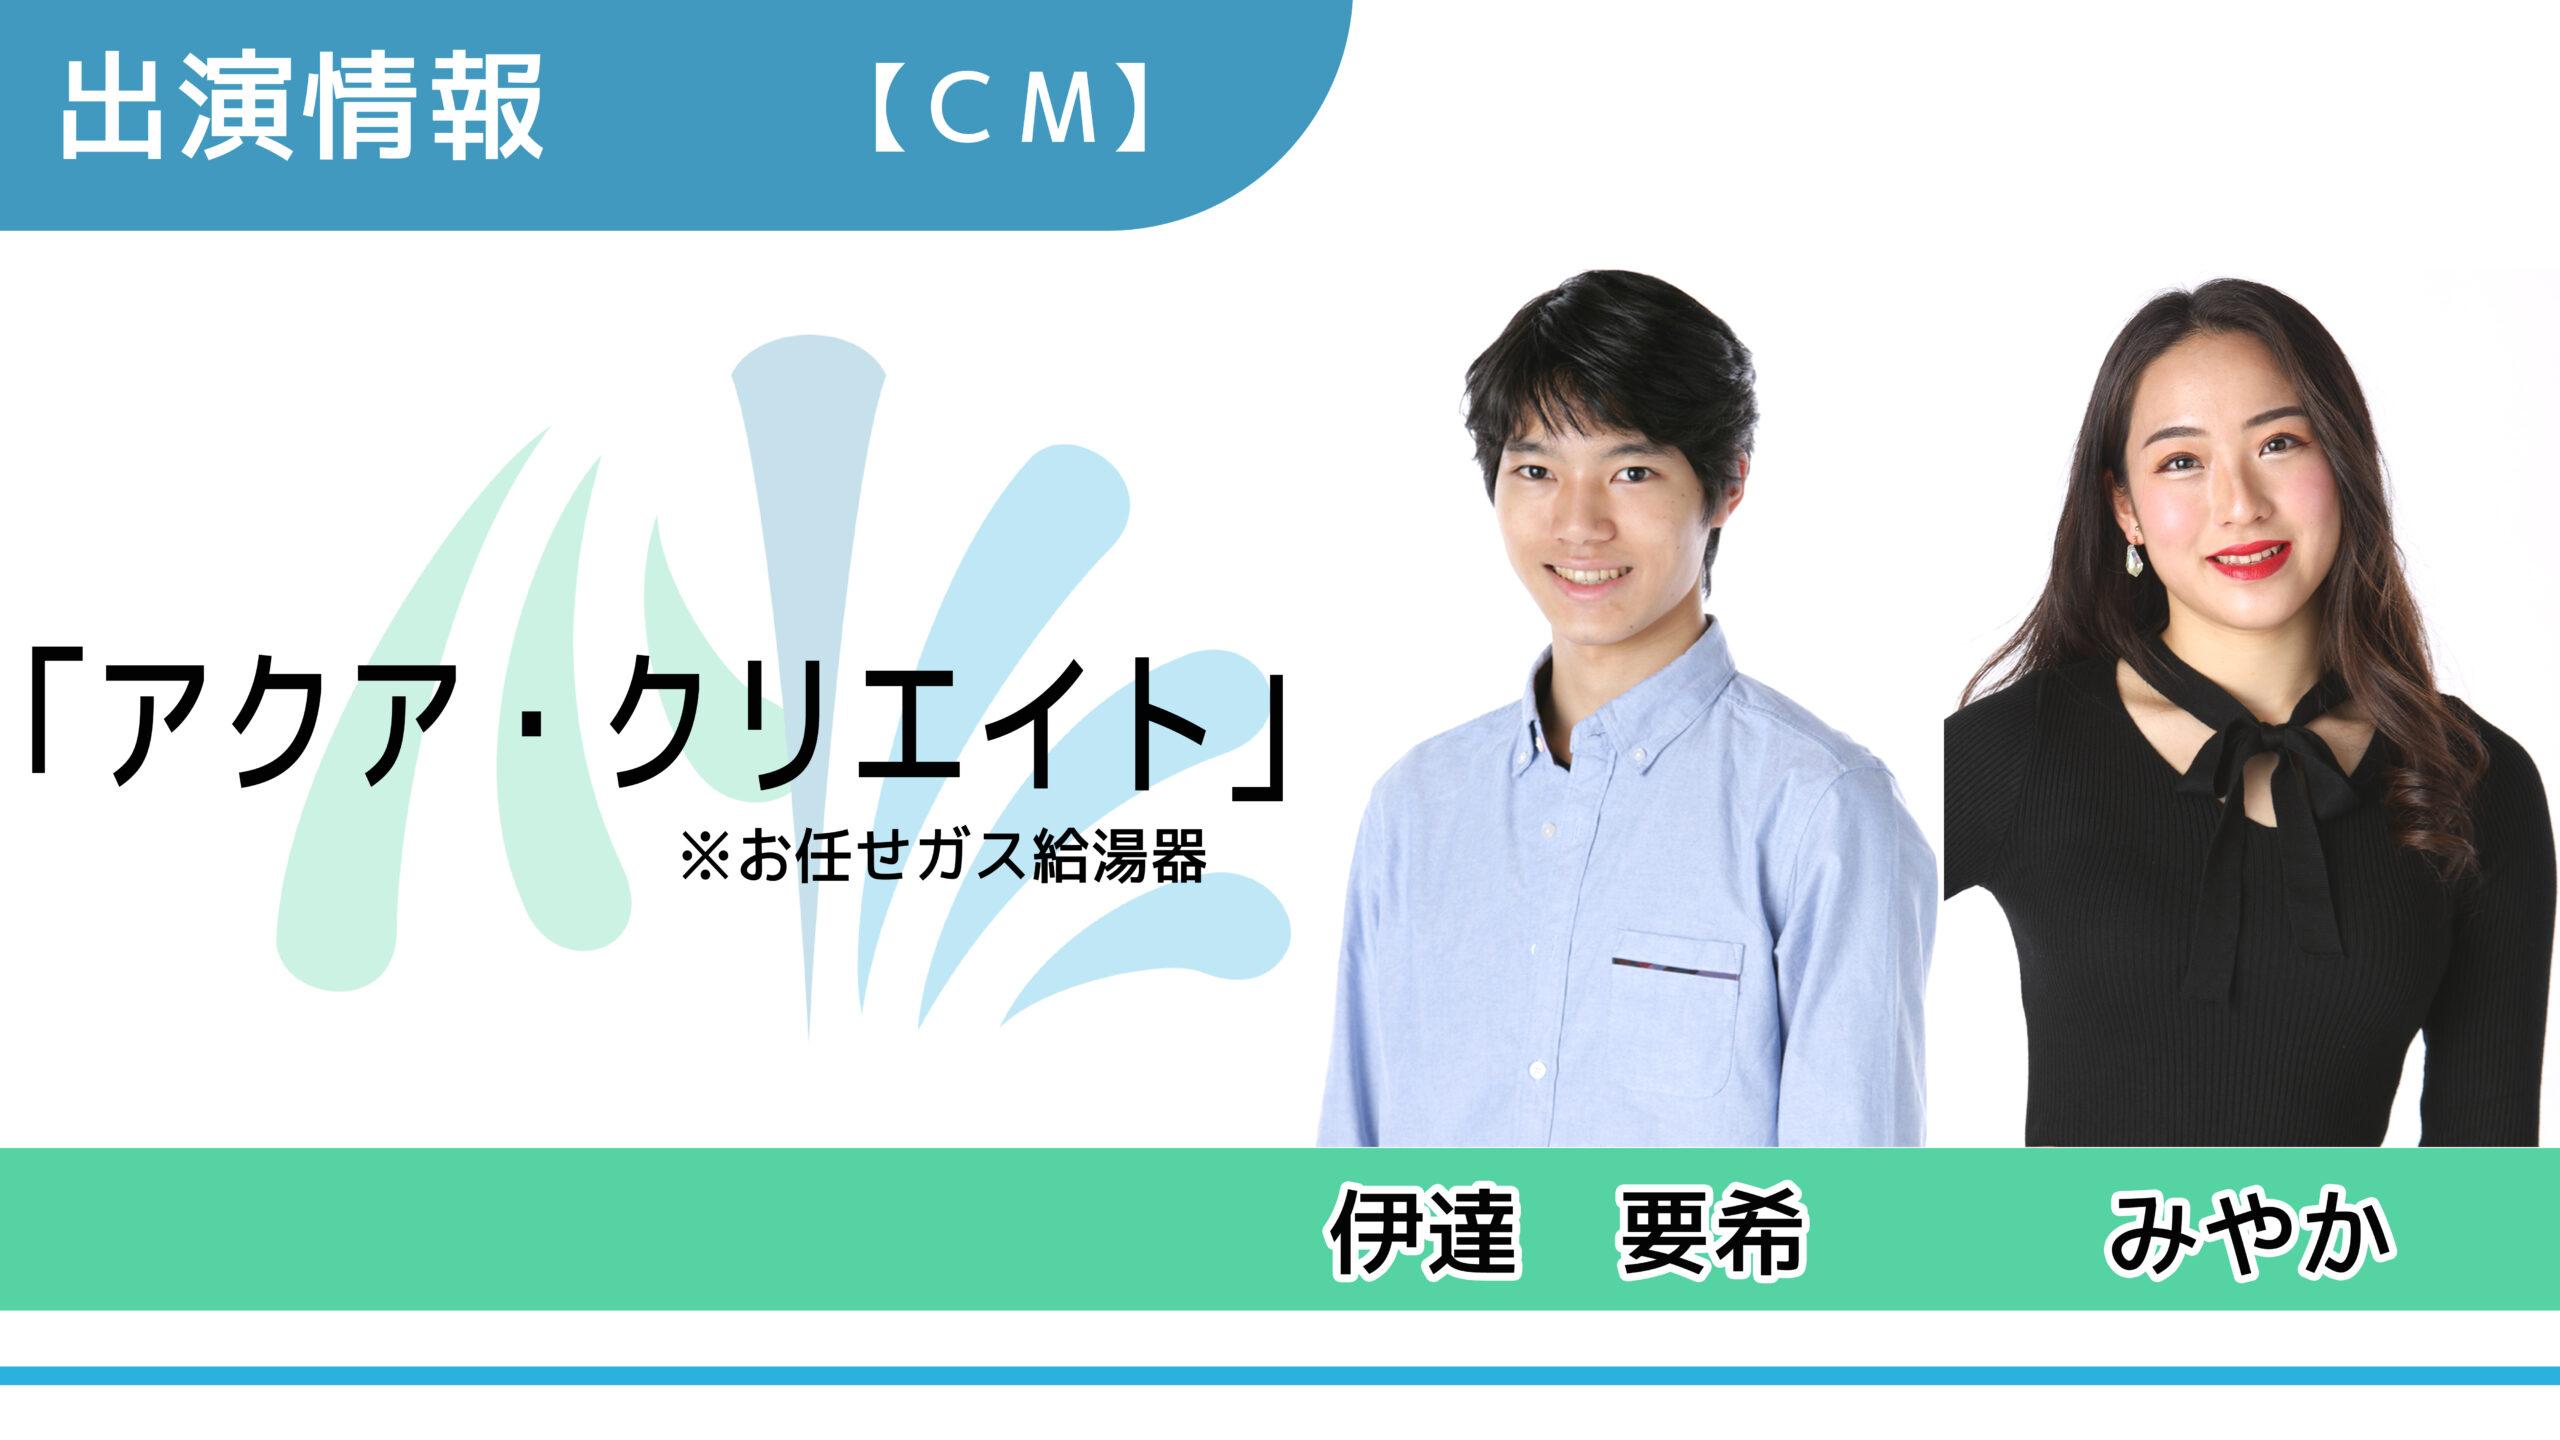 【出演情報】伊達要希、みやか / 「アクア・クリエイト-お任せガス給湯器-」CM出演